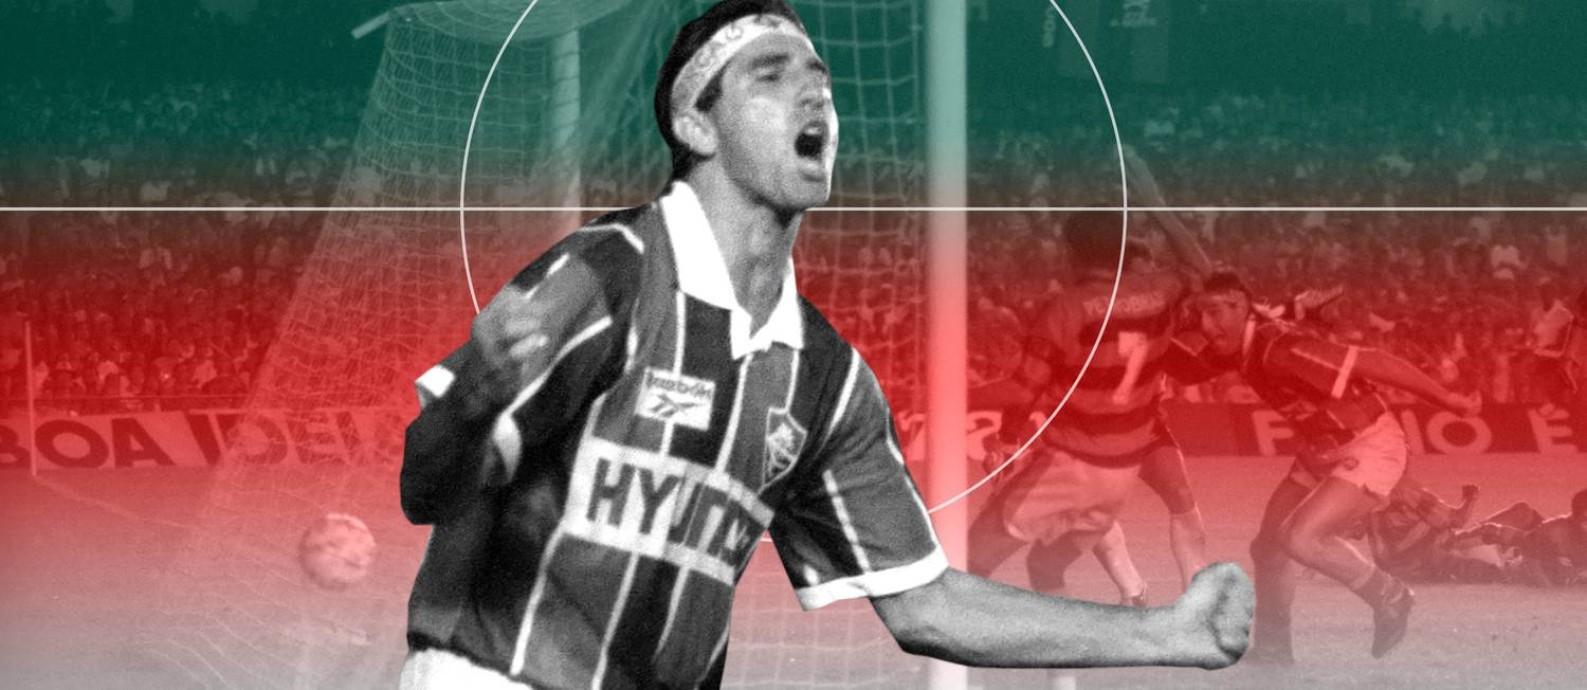 Os 10 maiores jogos do Fluminense no Maracanã Foto: Editoria de Arte